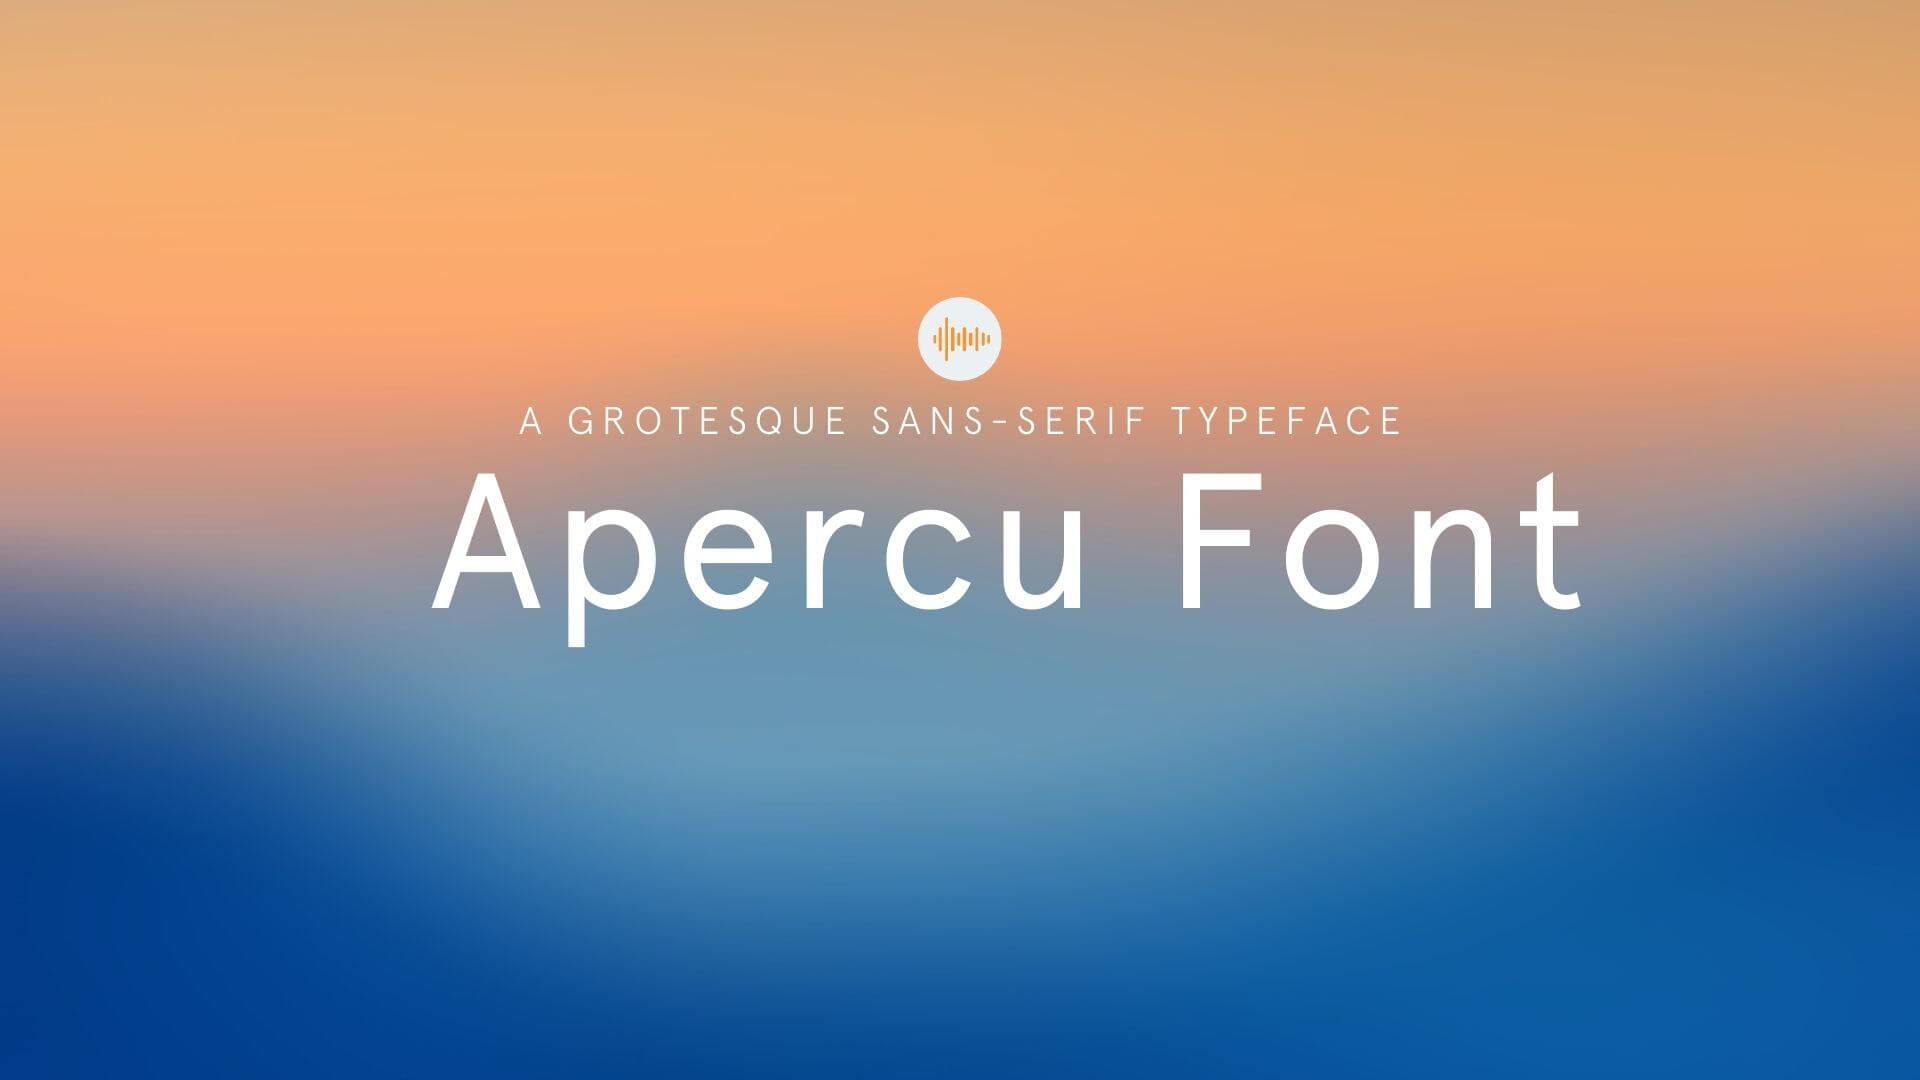 Apercu Font Best Free Fonts 2021